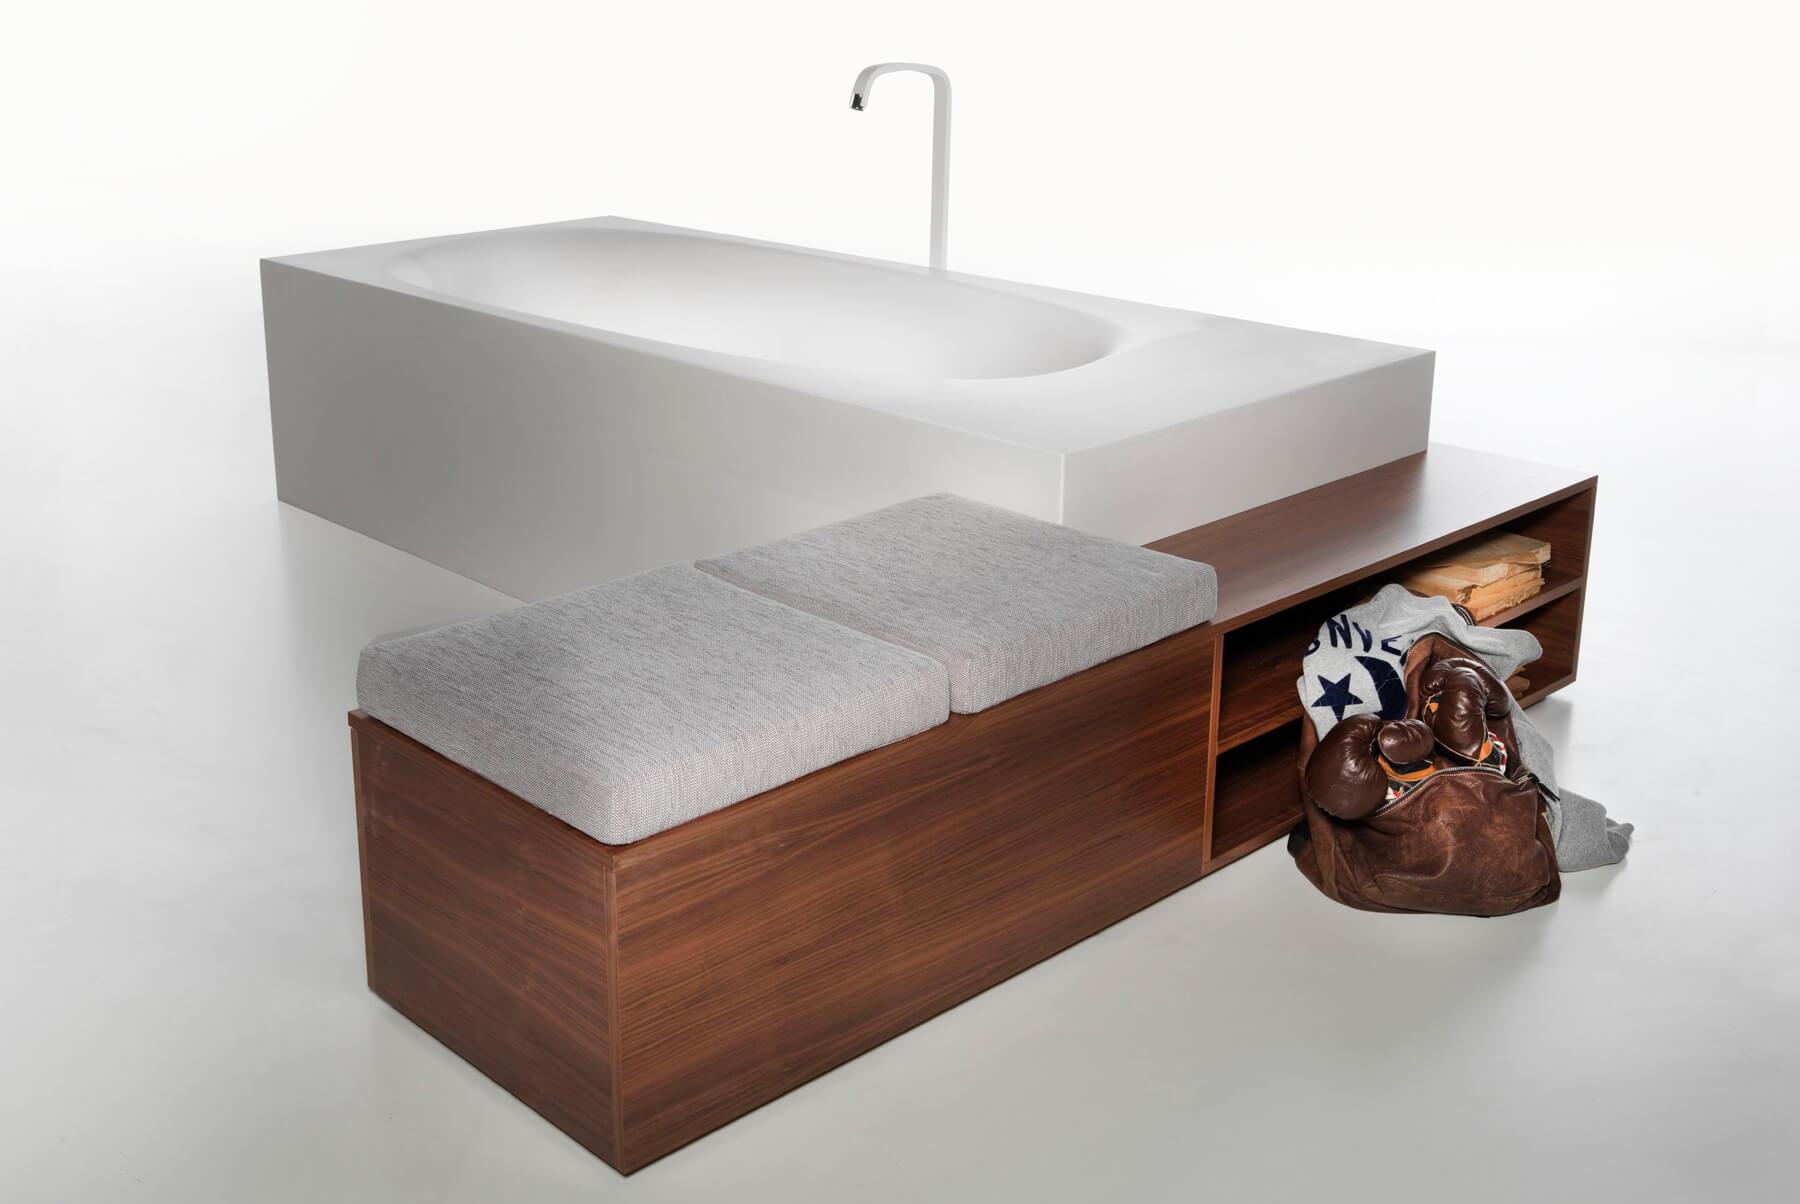 Bath-Tubs-Falper-Vascamisura-3-1800x1204